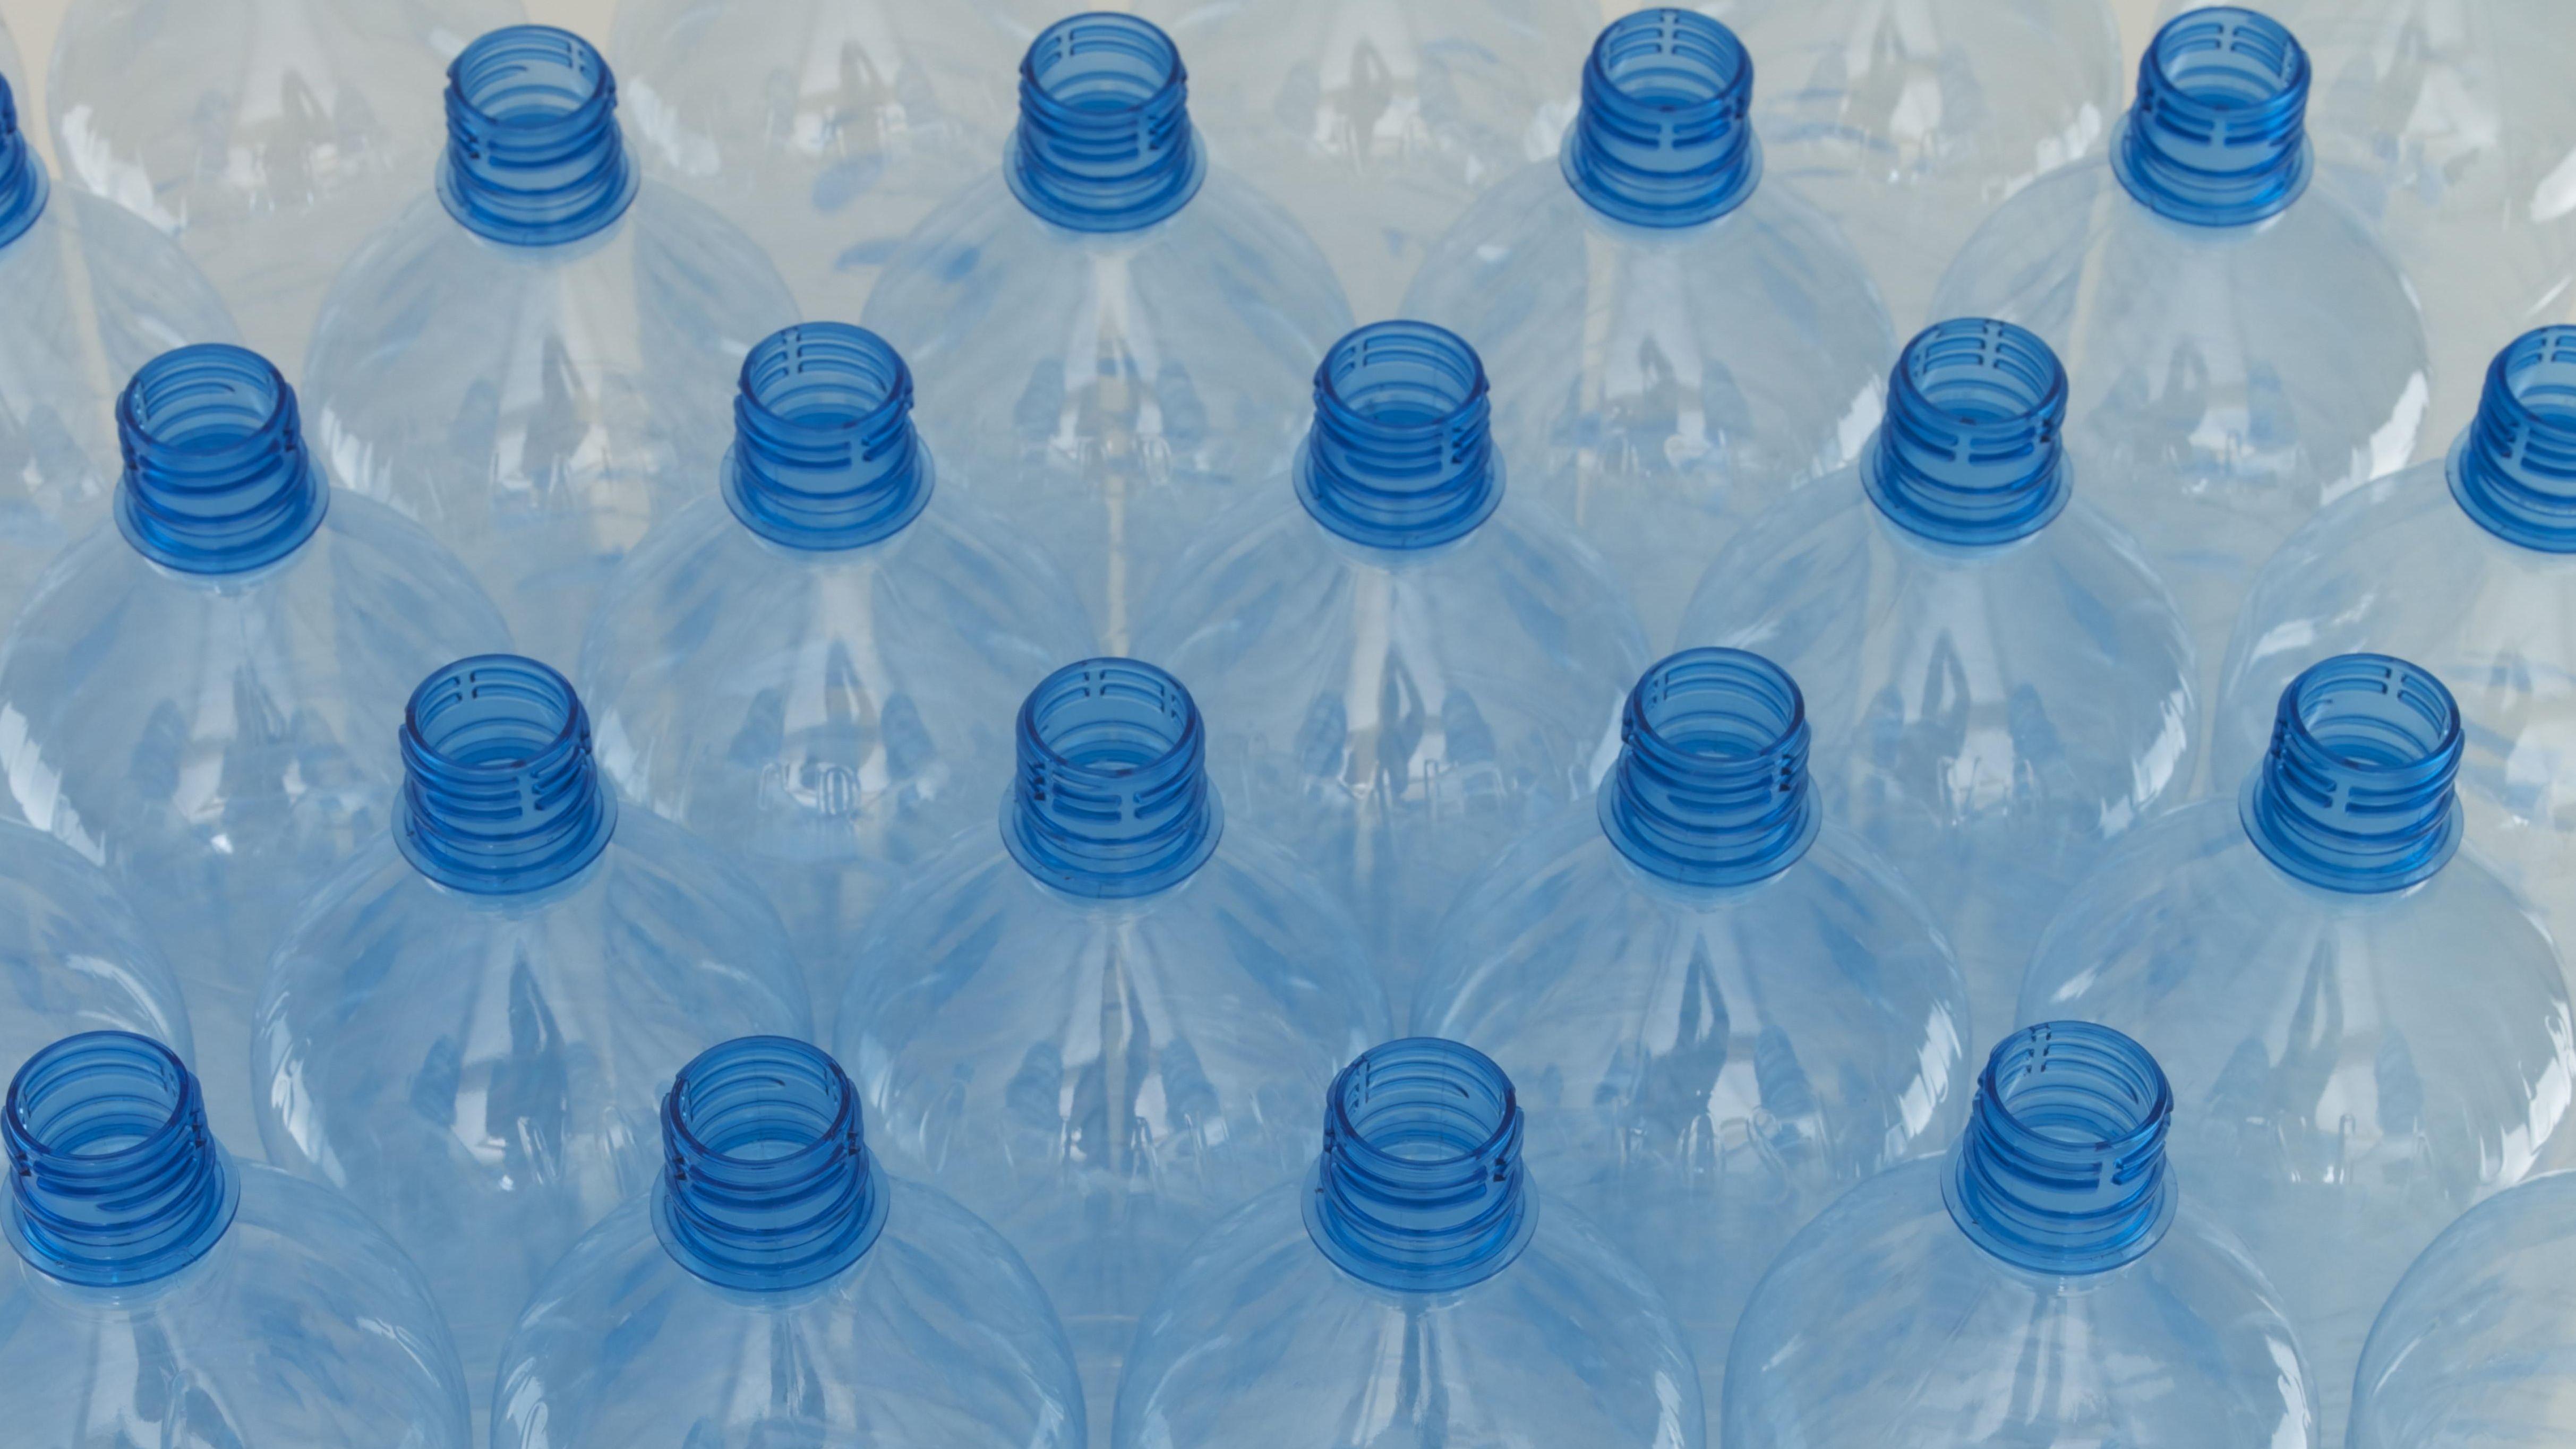 Leere Wasserflaschen aus Plastik